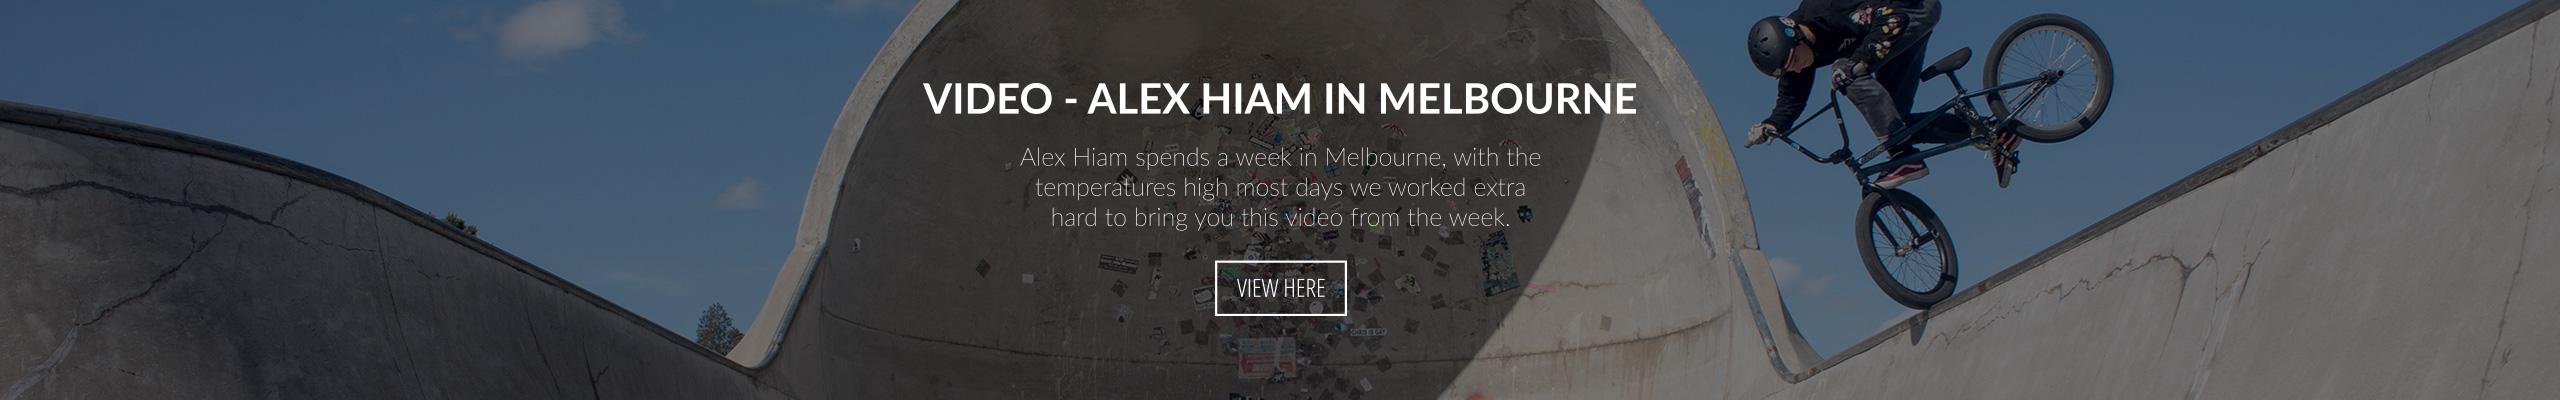 Video - Alex Hiam in Melbourne